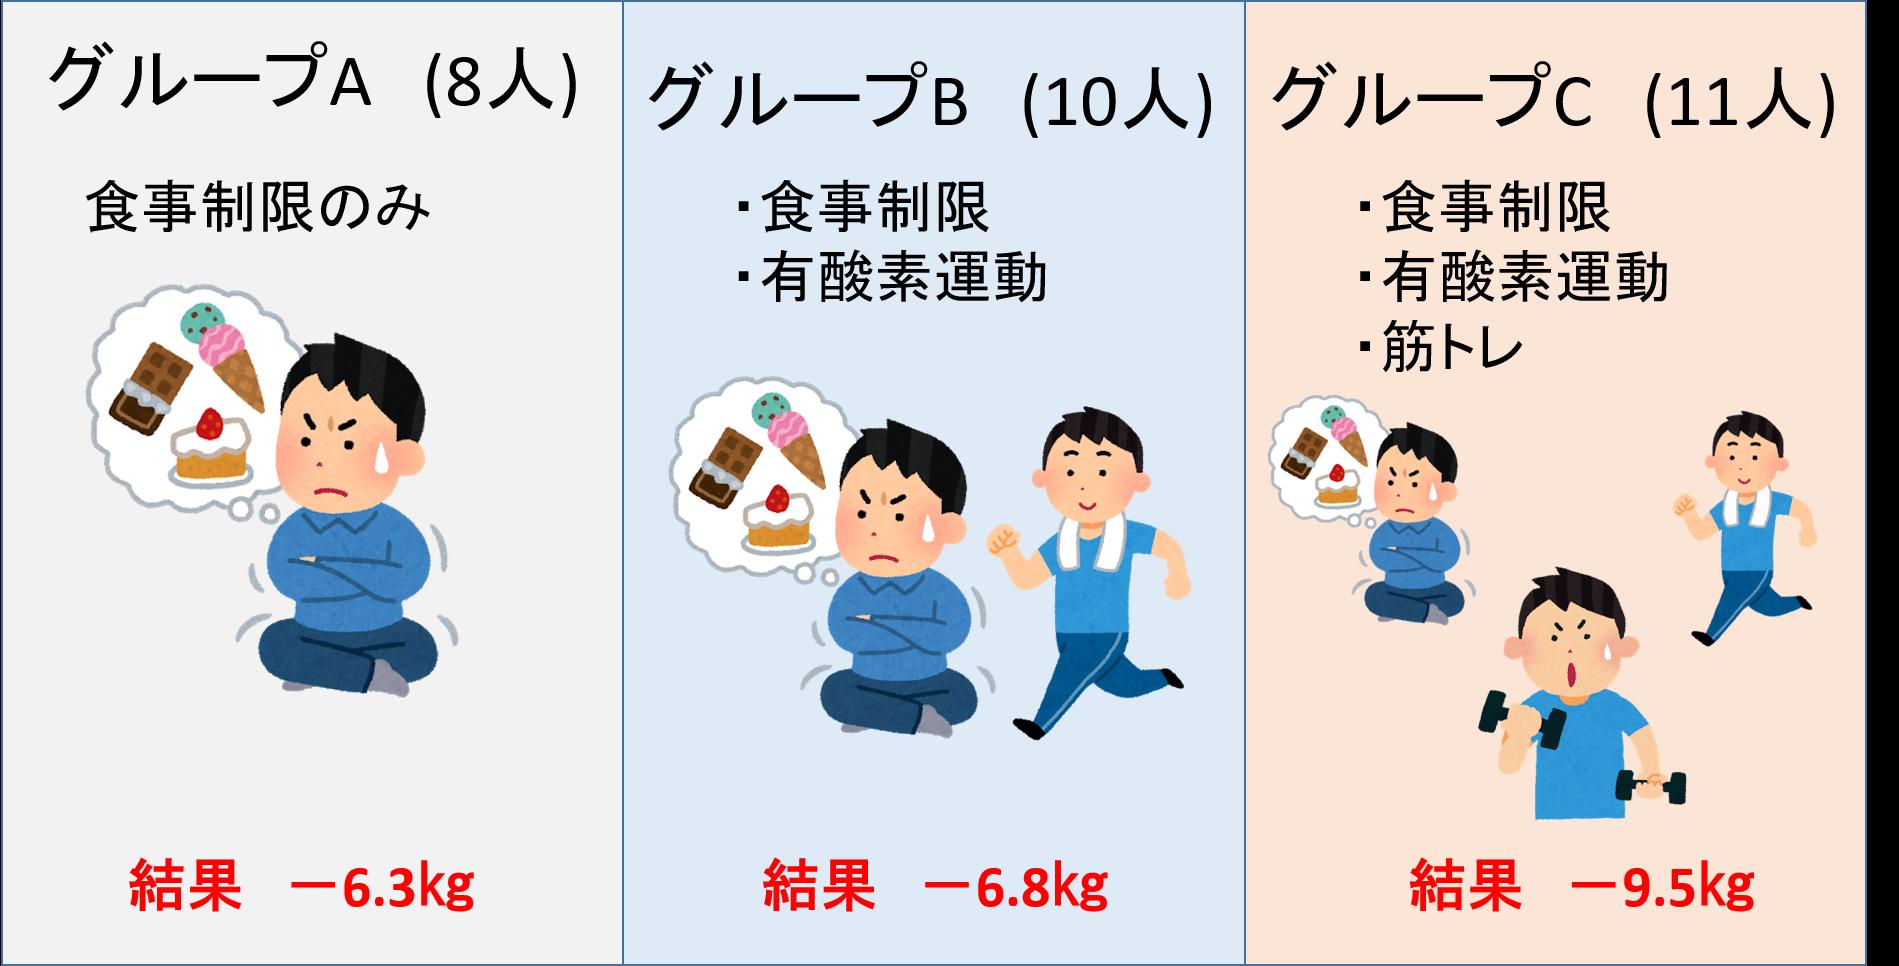 筋トレと有酸素運動、ダイエットに効果的なのはどっち?更に脂肪を落とす方法も解説